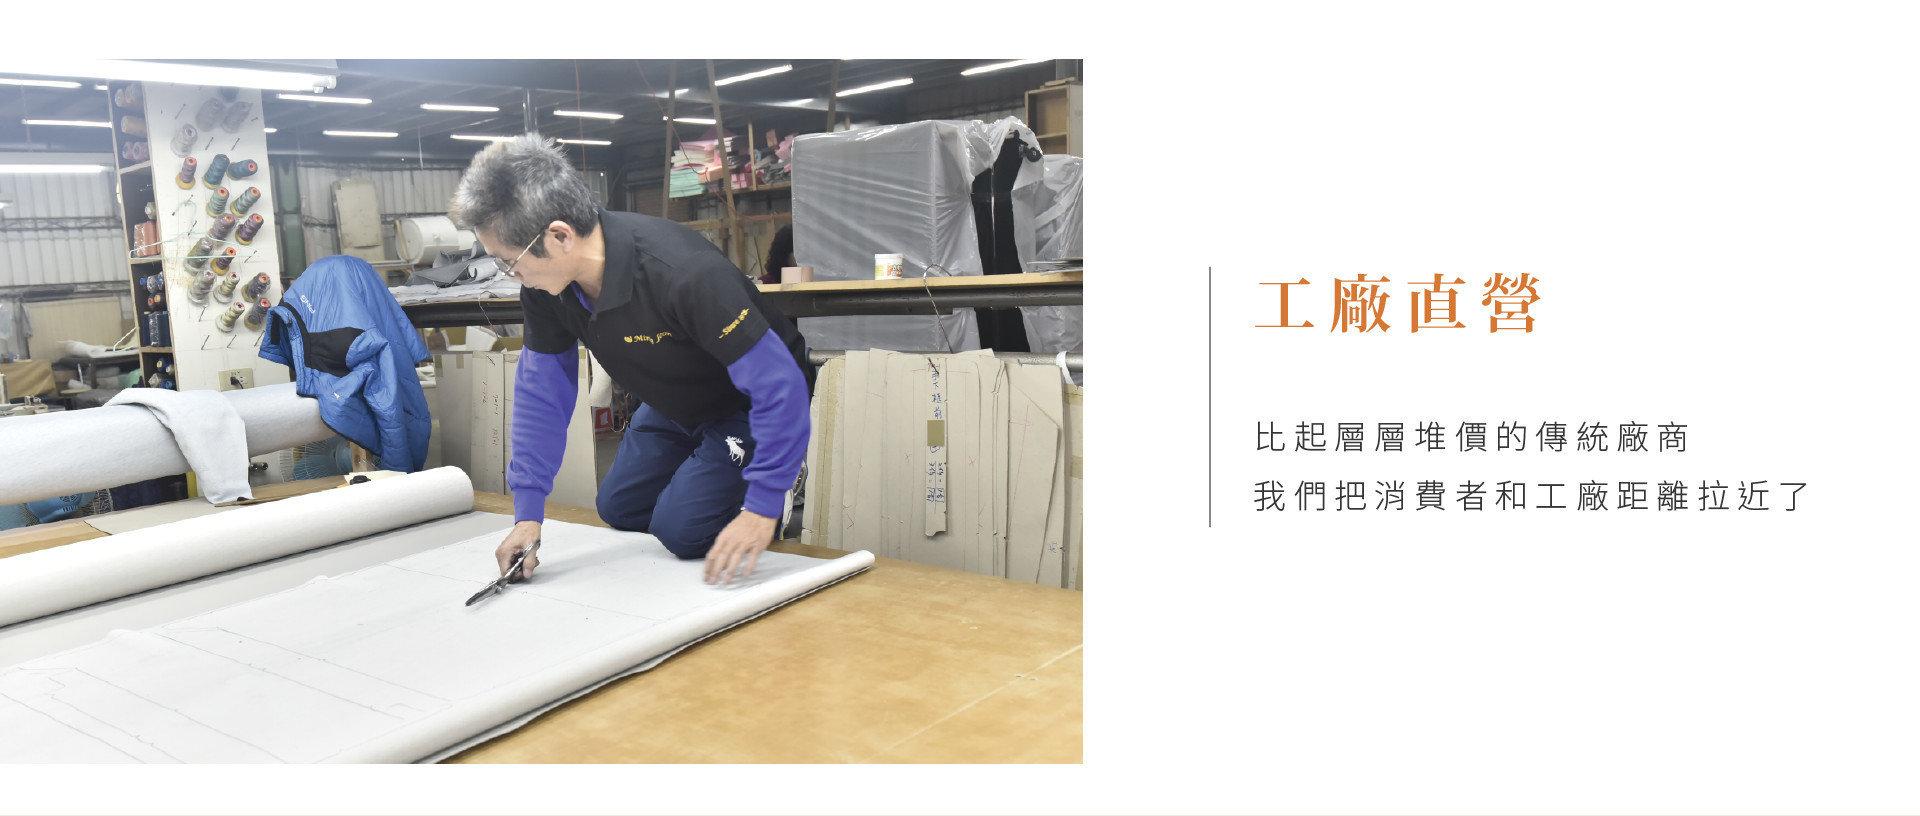 明久家具現已第三代經營,由工廠直營,縮短與顧客的距離